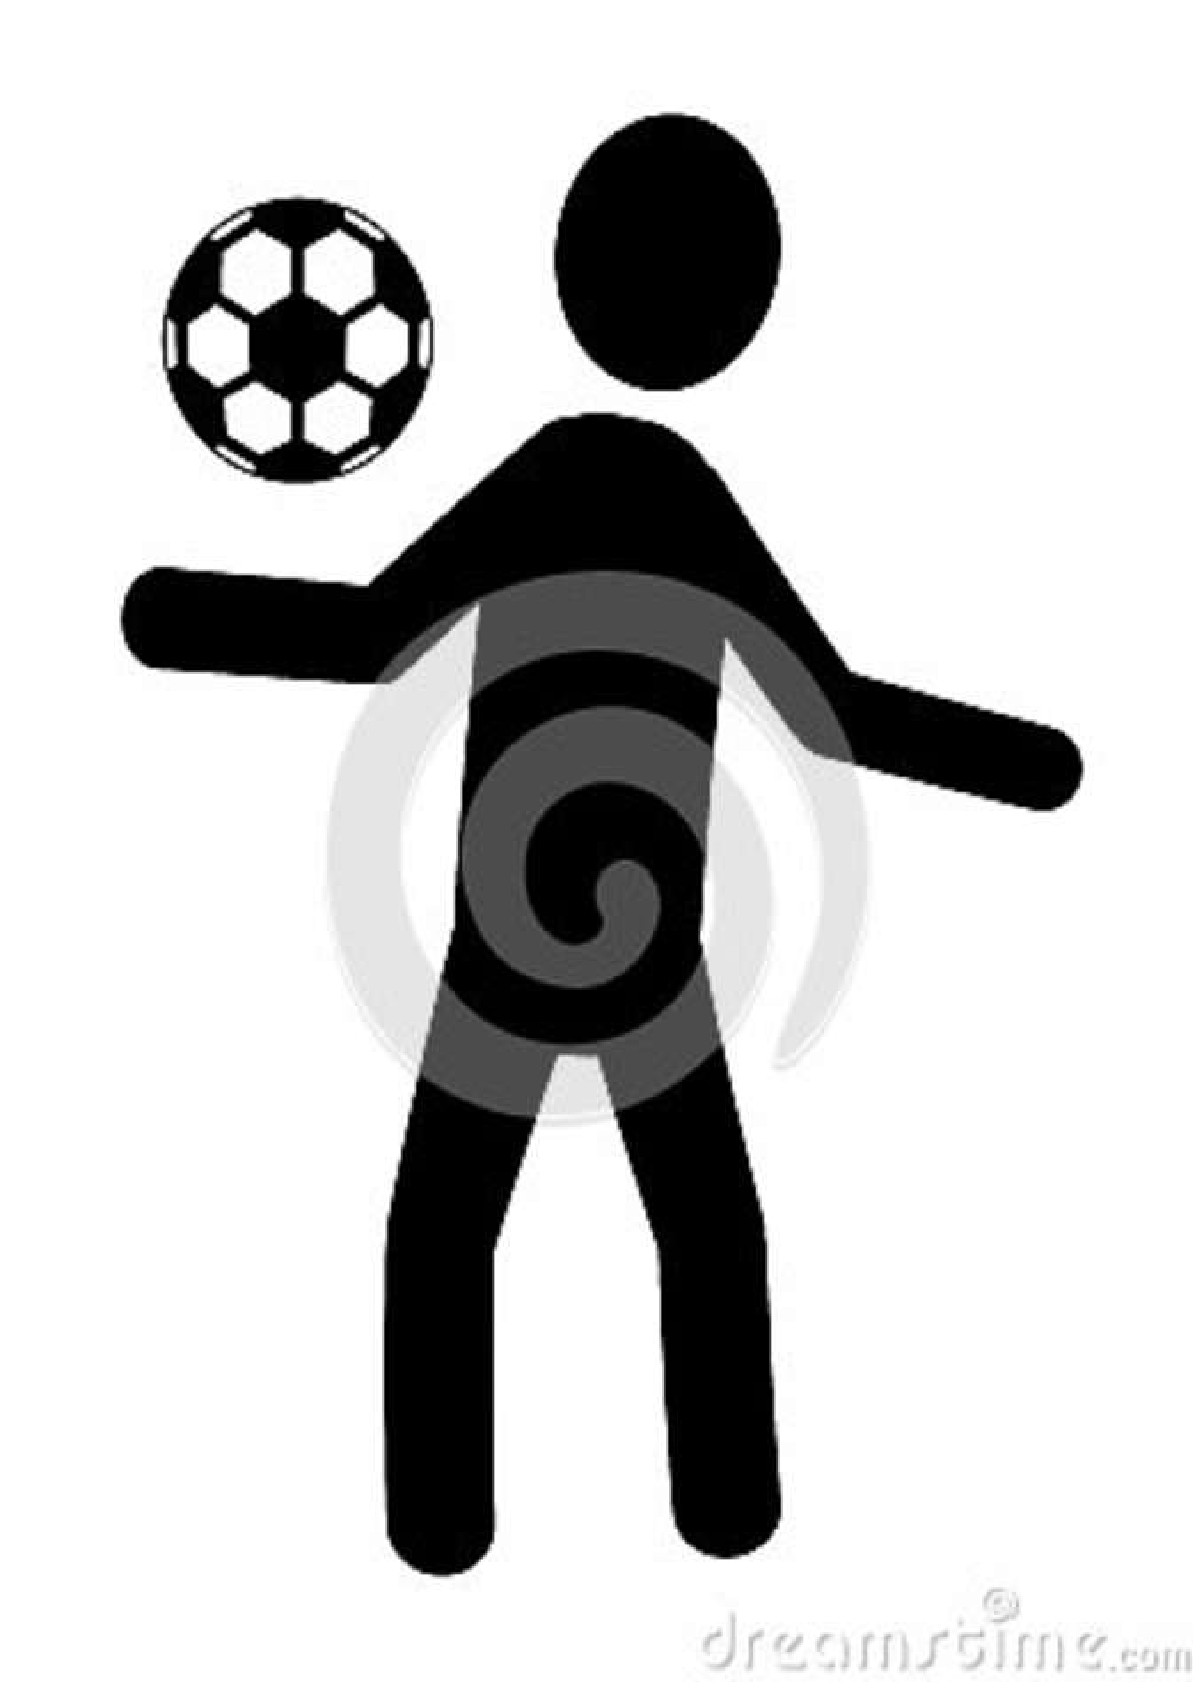 Schwarzer Avataramann Der Mit Fussball Grafik Spielt Stock